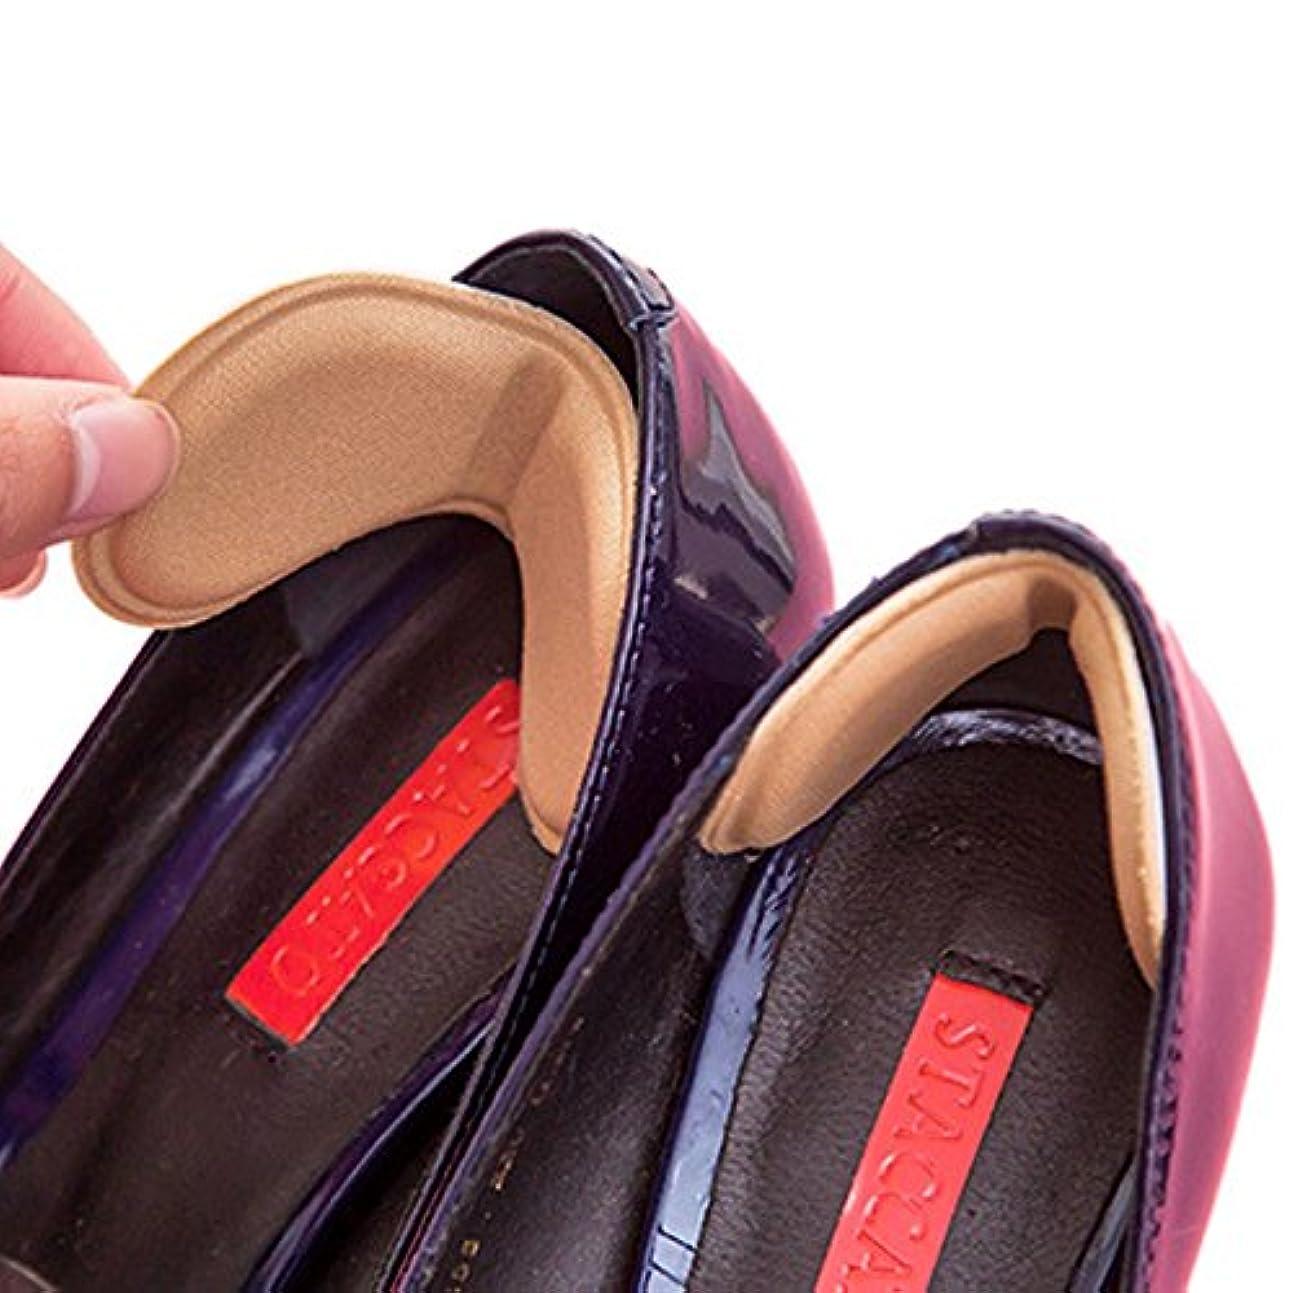 視聴者ますます破滅的な靴擦れ 半張りパッド 靴擦れ防止 防止かかと パカパカ防止 ハイヒール用 足裏保護 インソール 靴のサイズ調整 四組入り